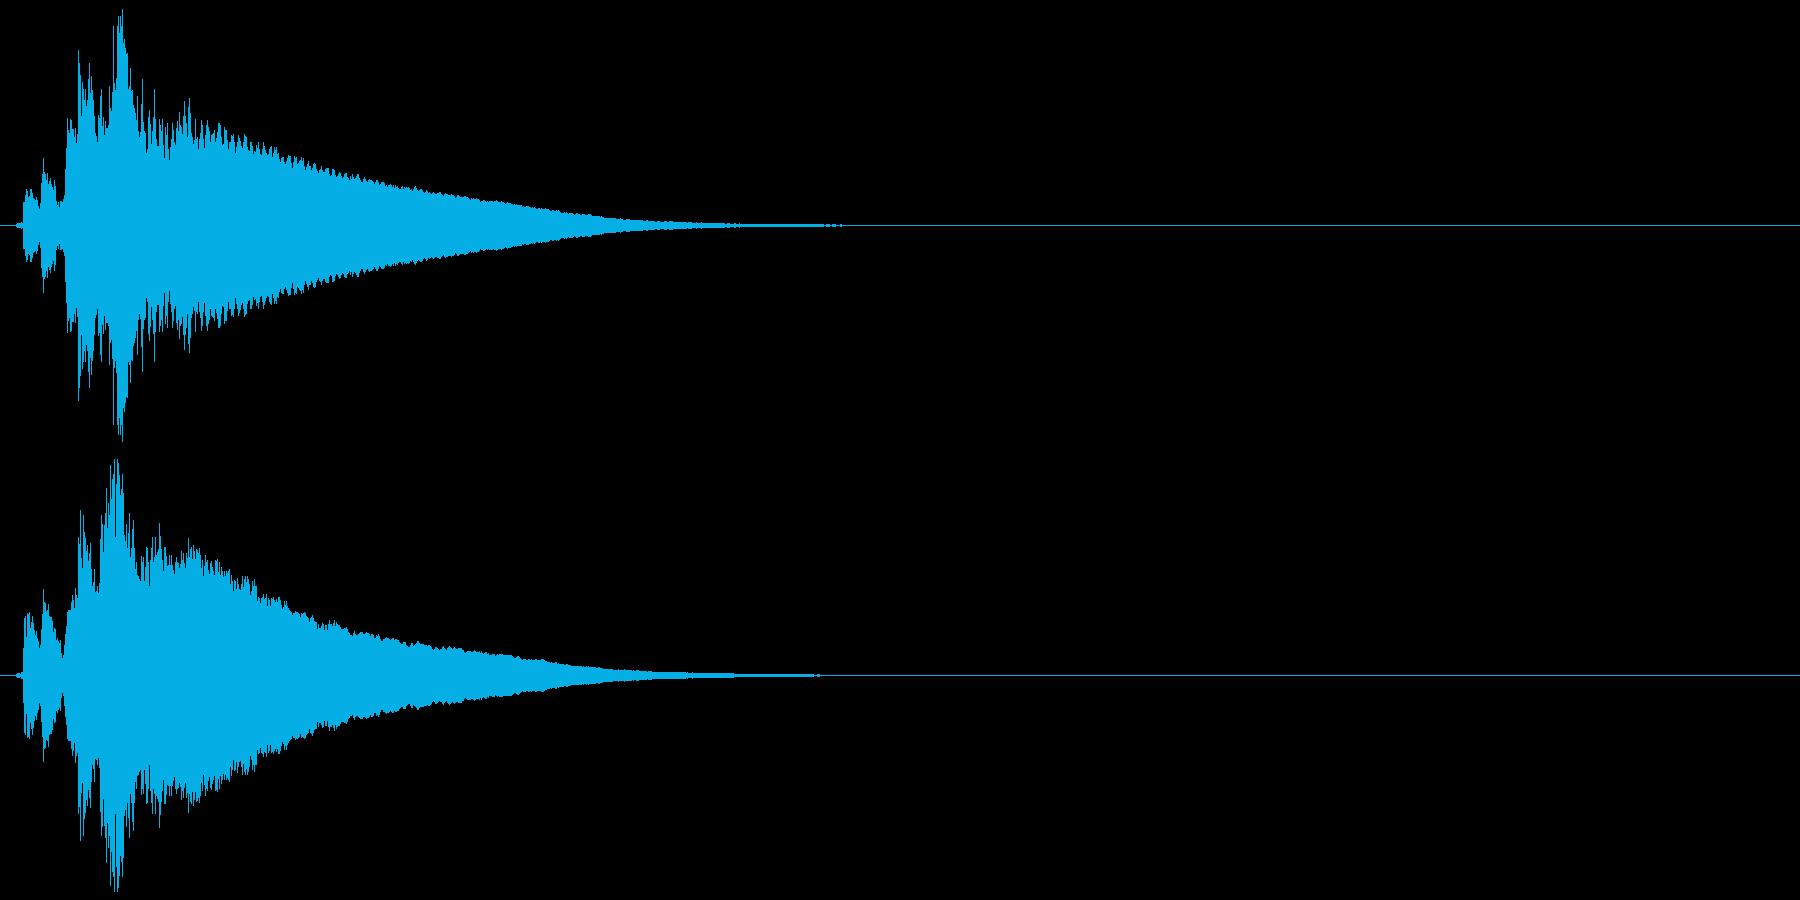 自転車のベル (チリーン)の再生済みの波形